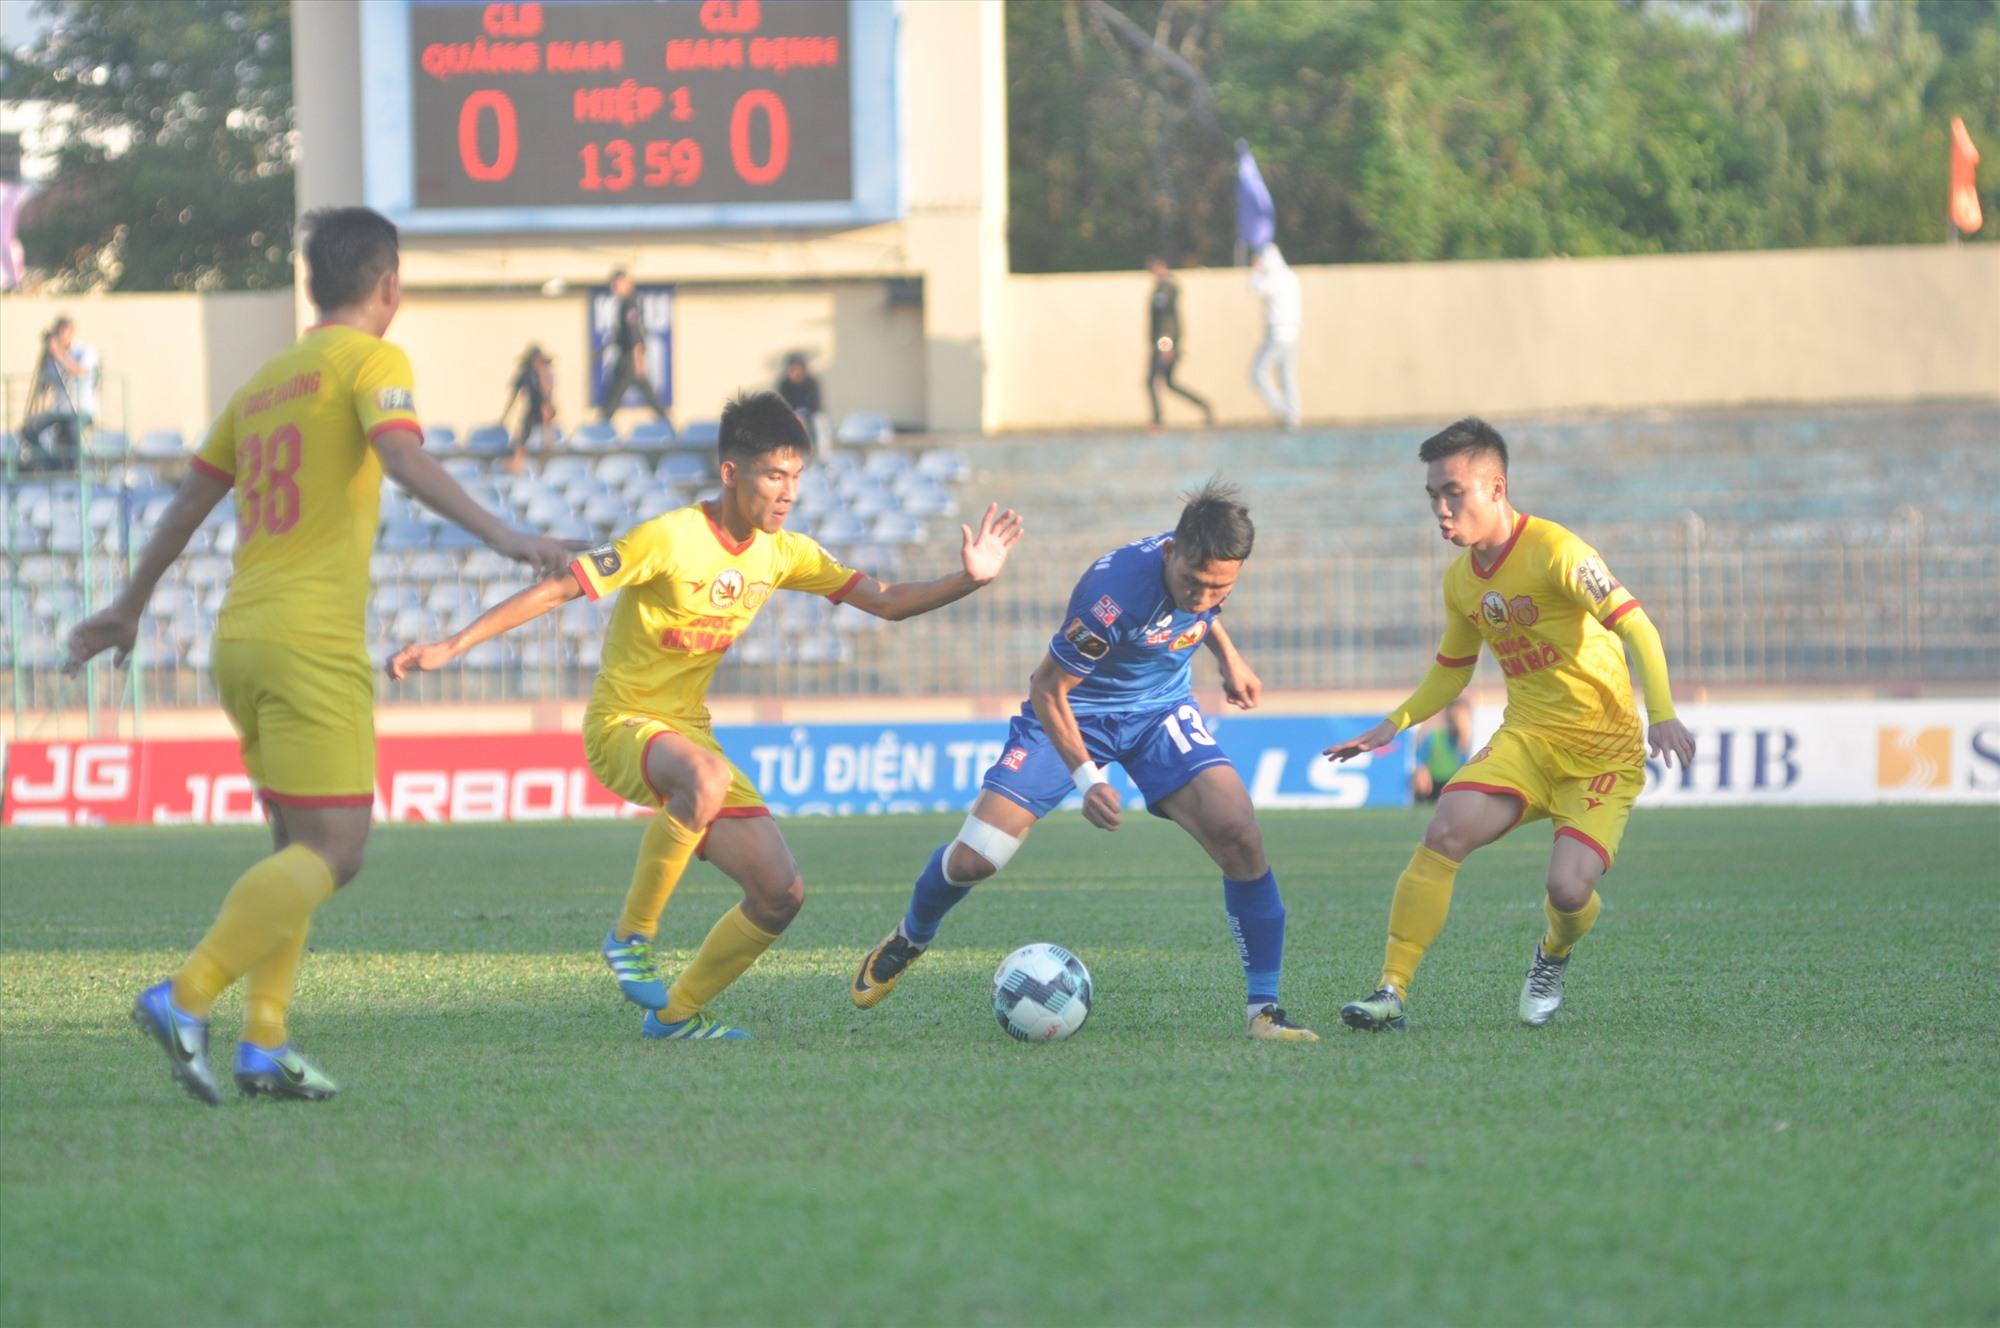 Cuộc đối đầu giữa đội bóng thành Nam và đội bóng xứ Quảng luôn diễn ra hấp dẫn và quyết liệt. Ảnh: A.S